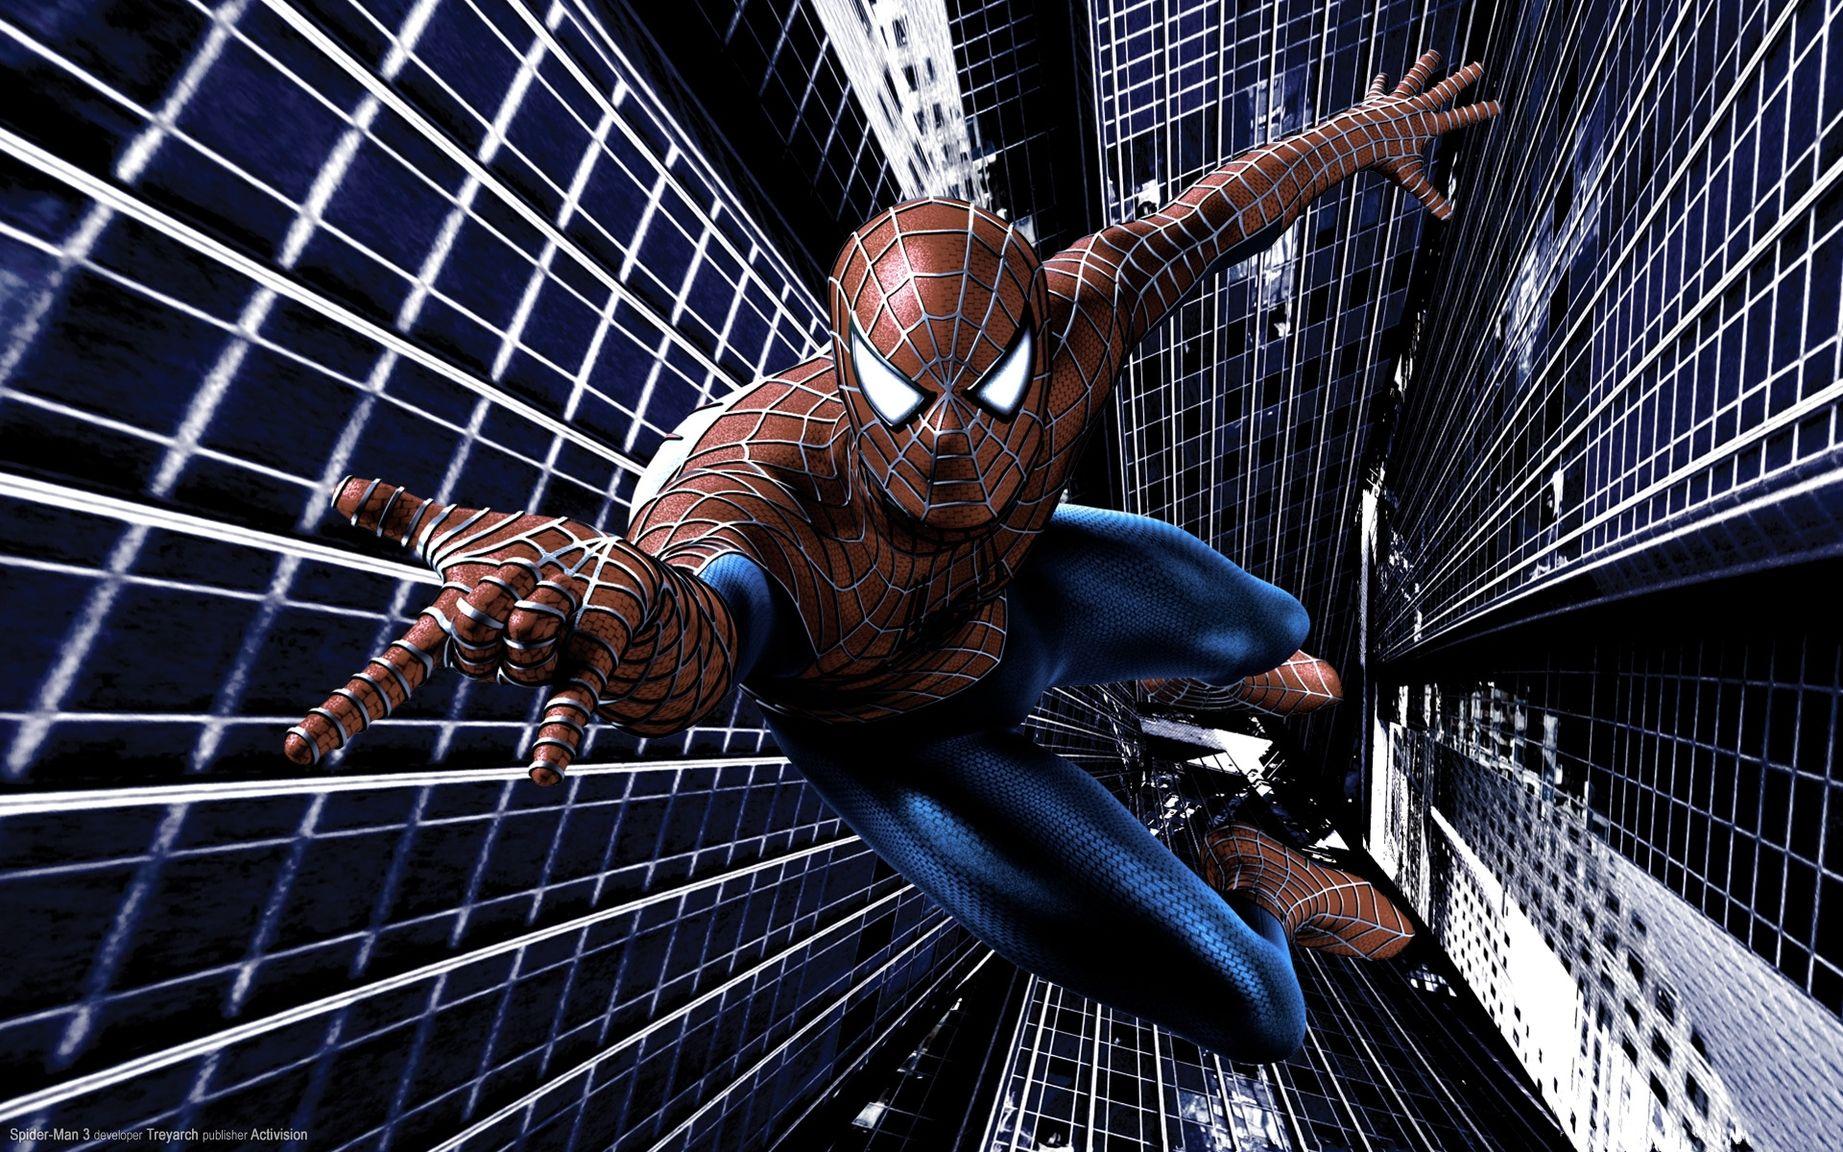 активный отдых, фото про человека паука молодости